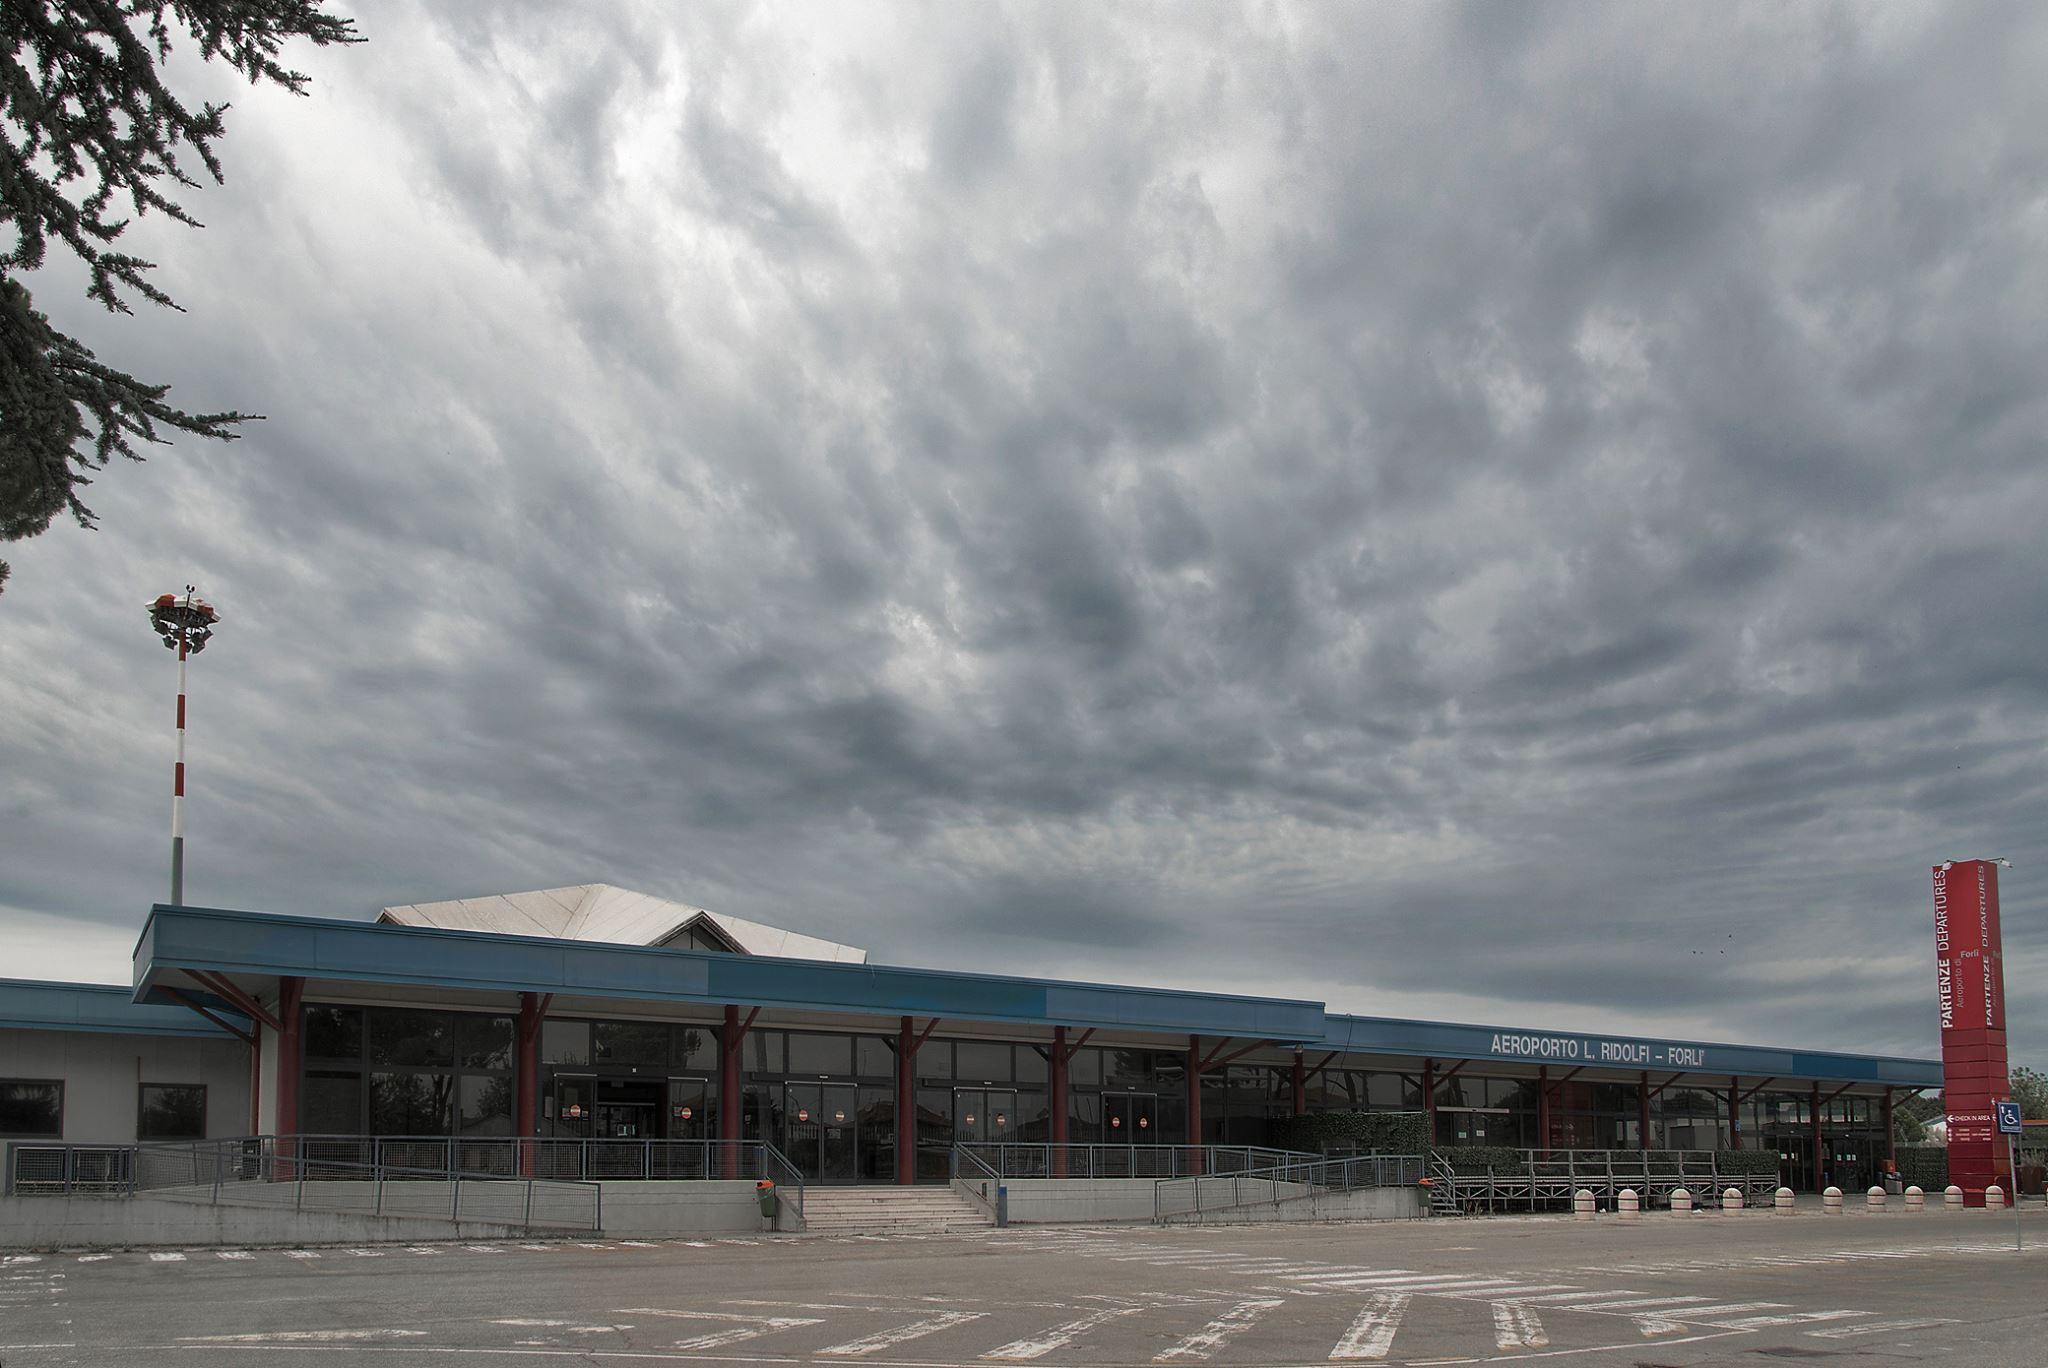 aeroporto di Forlì foto fabrizio verni